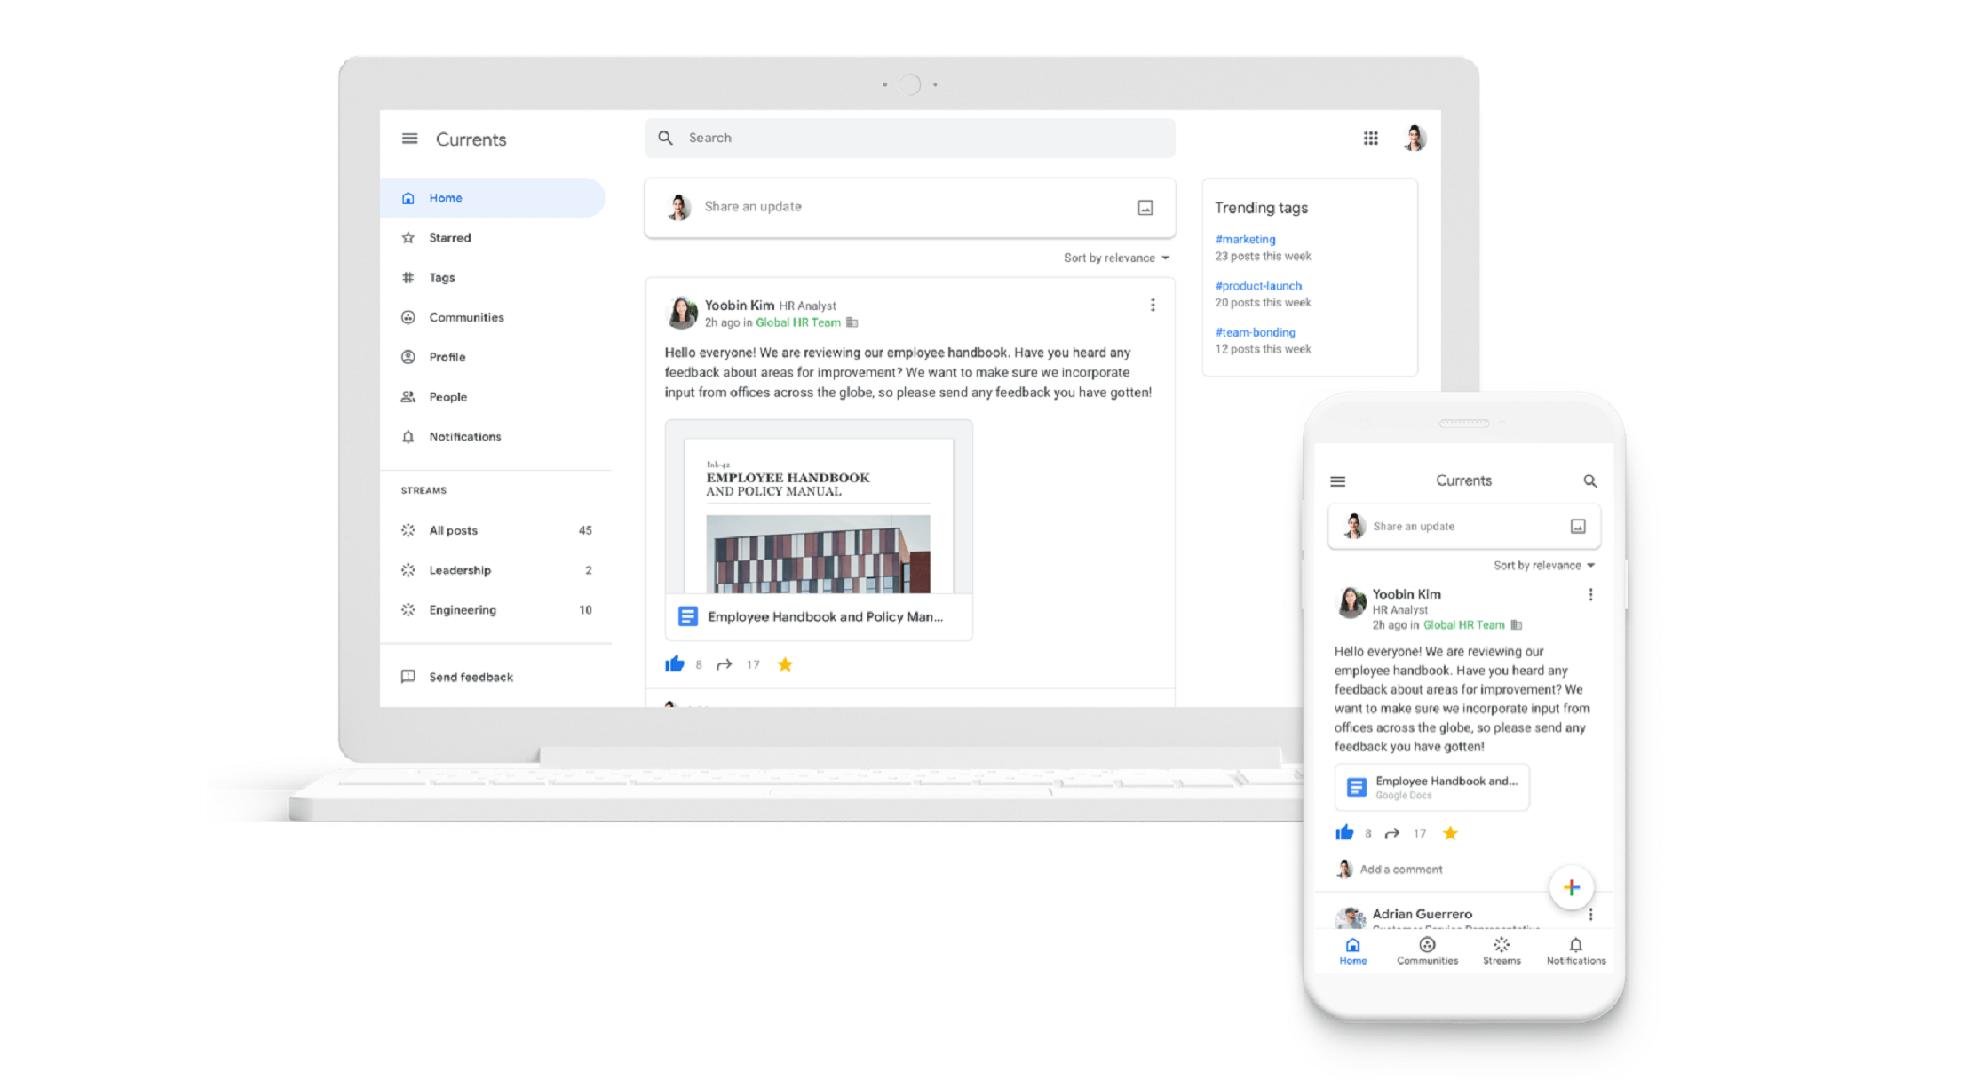 Qu'est-ce que Currents, le nouveau service de Google qui sortira en juillet ?